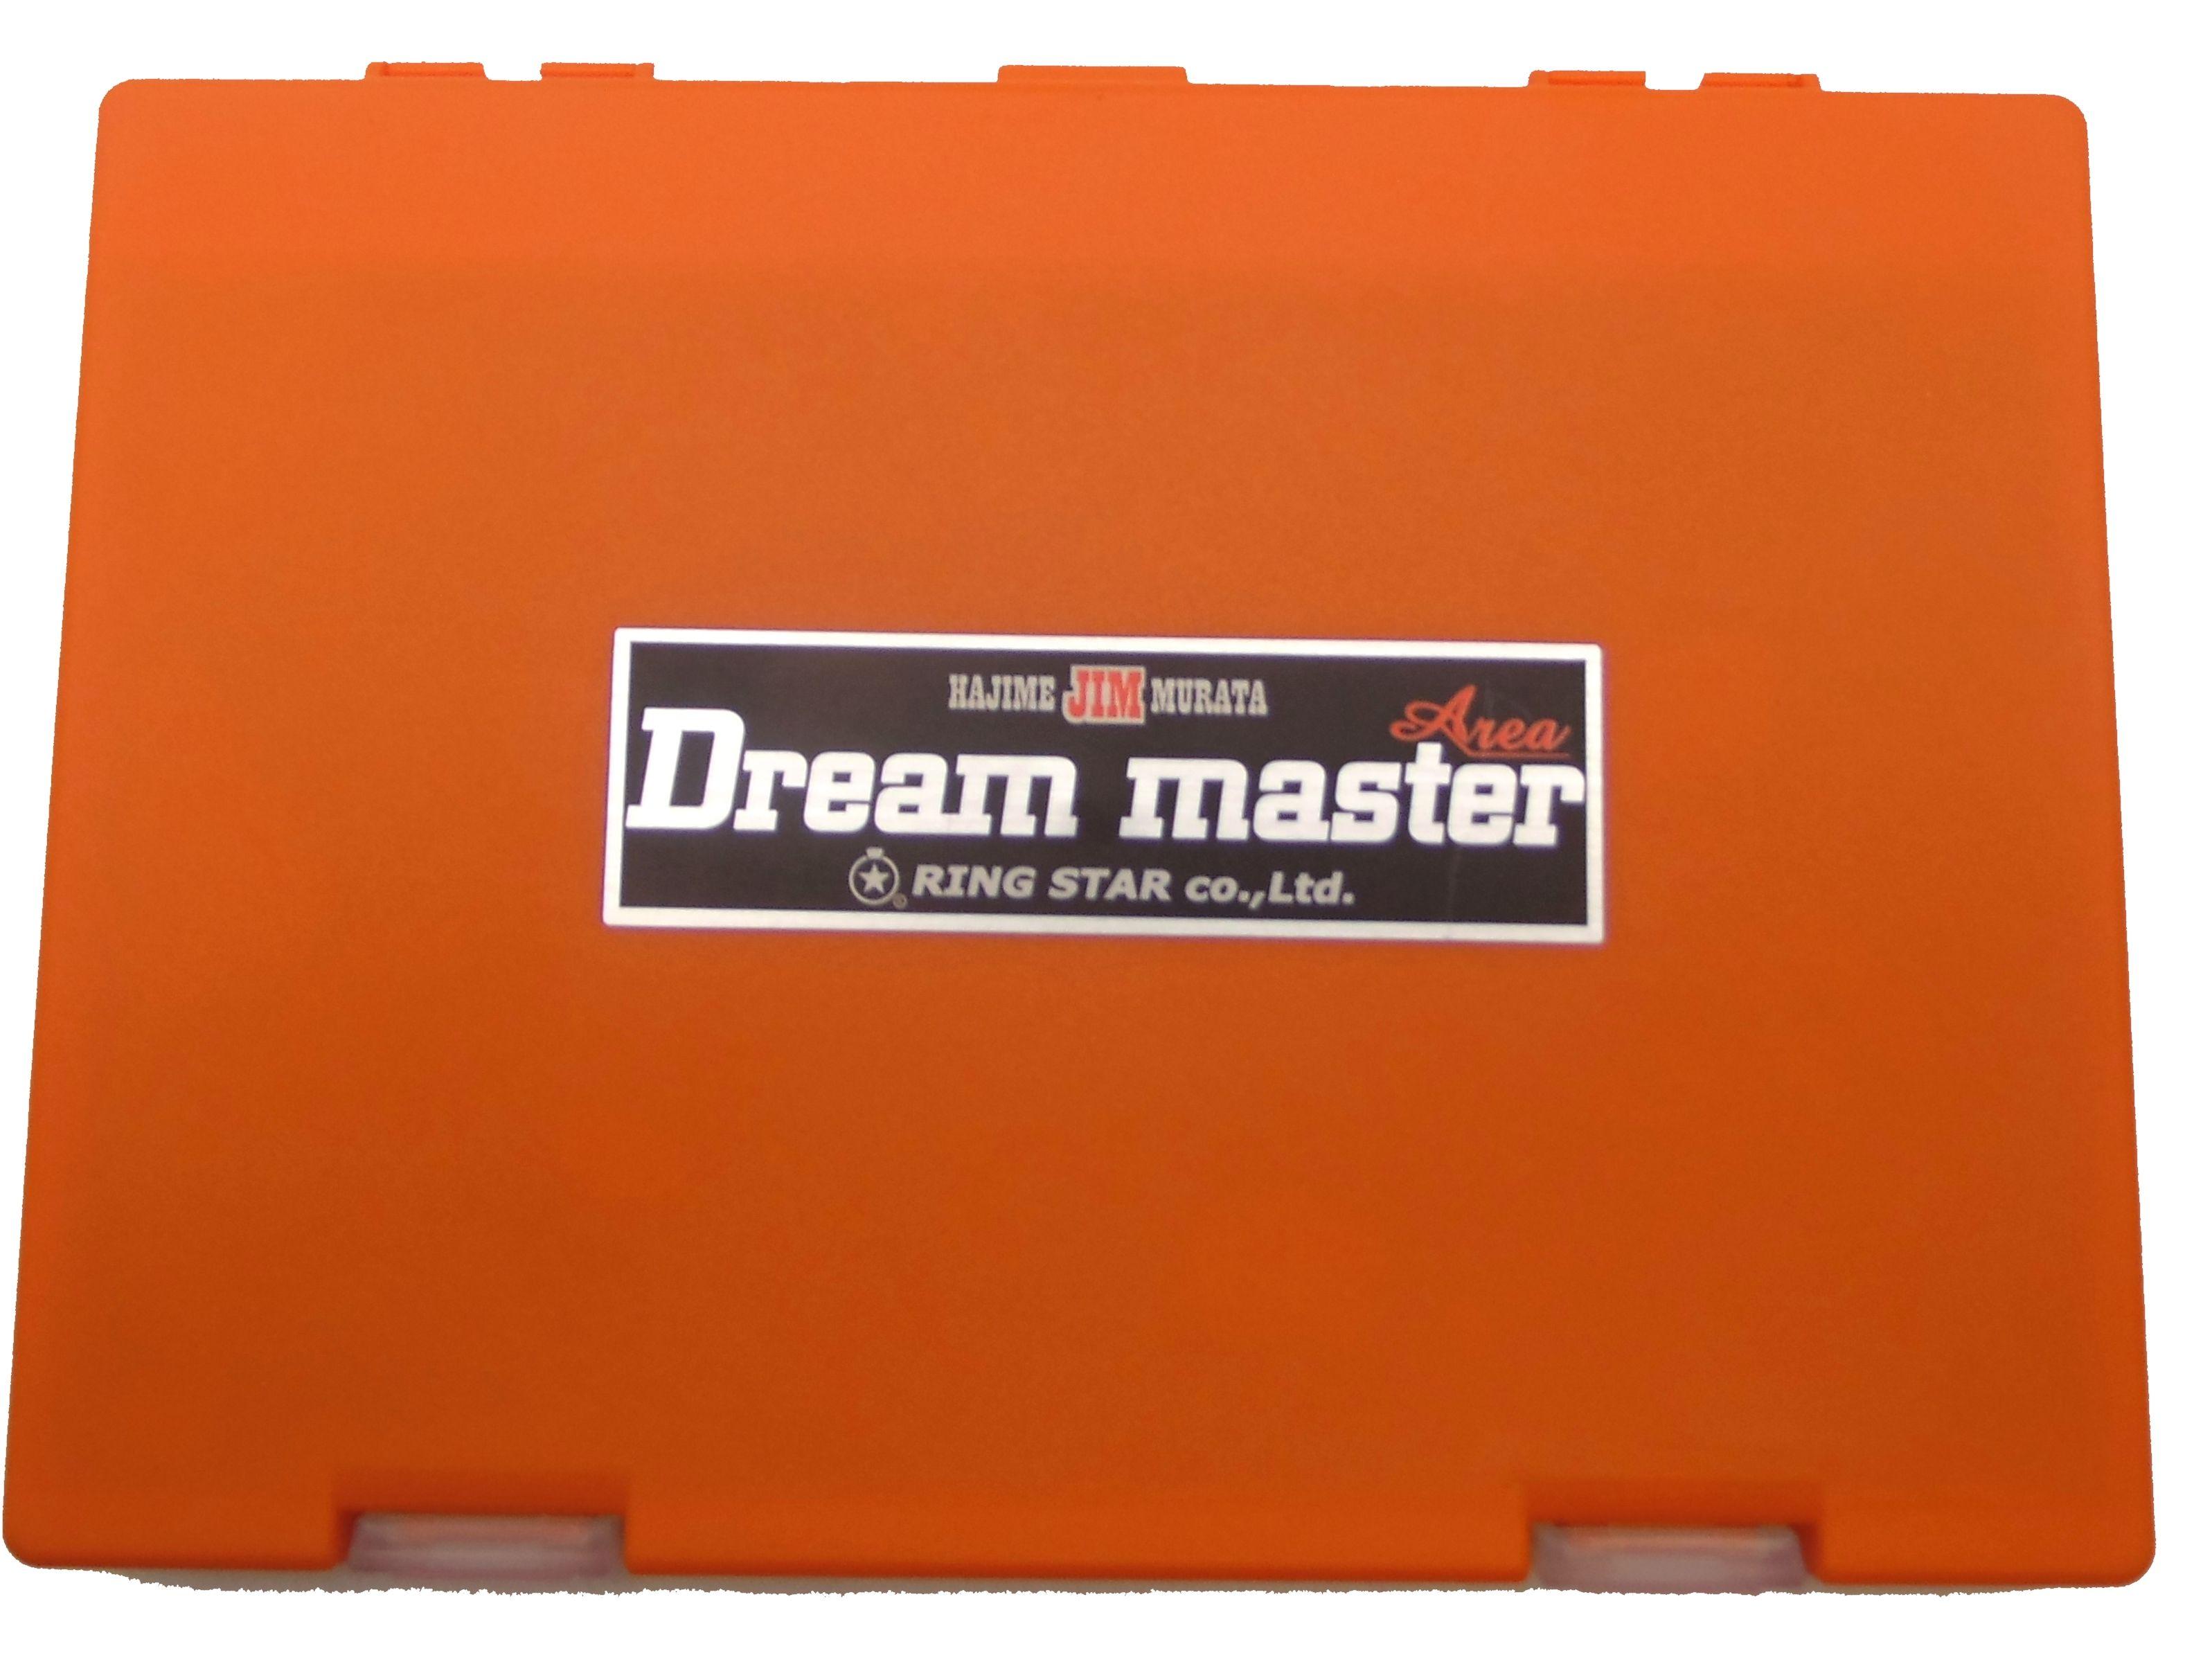 Купить Коробка для микроблёсен Ring Star Dream Master Area Orange (105474) в России